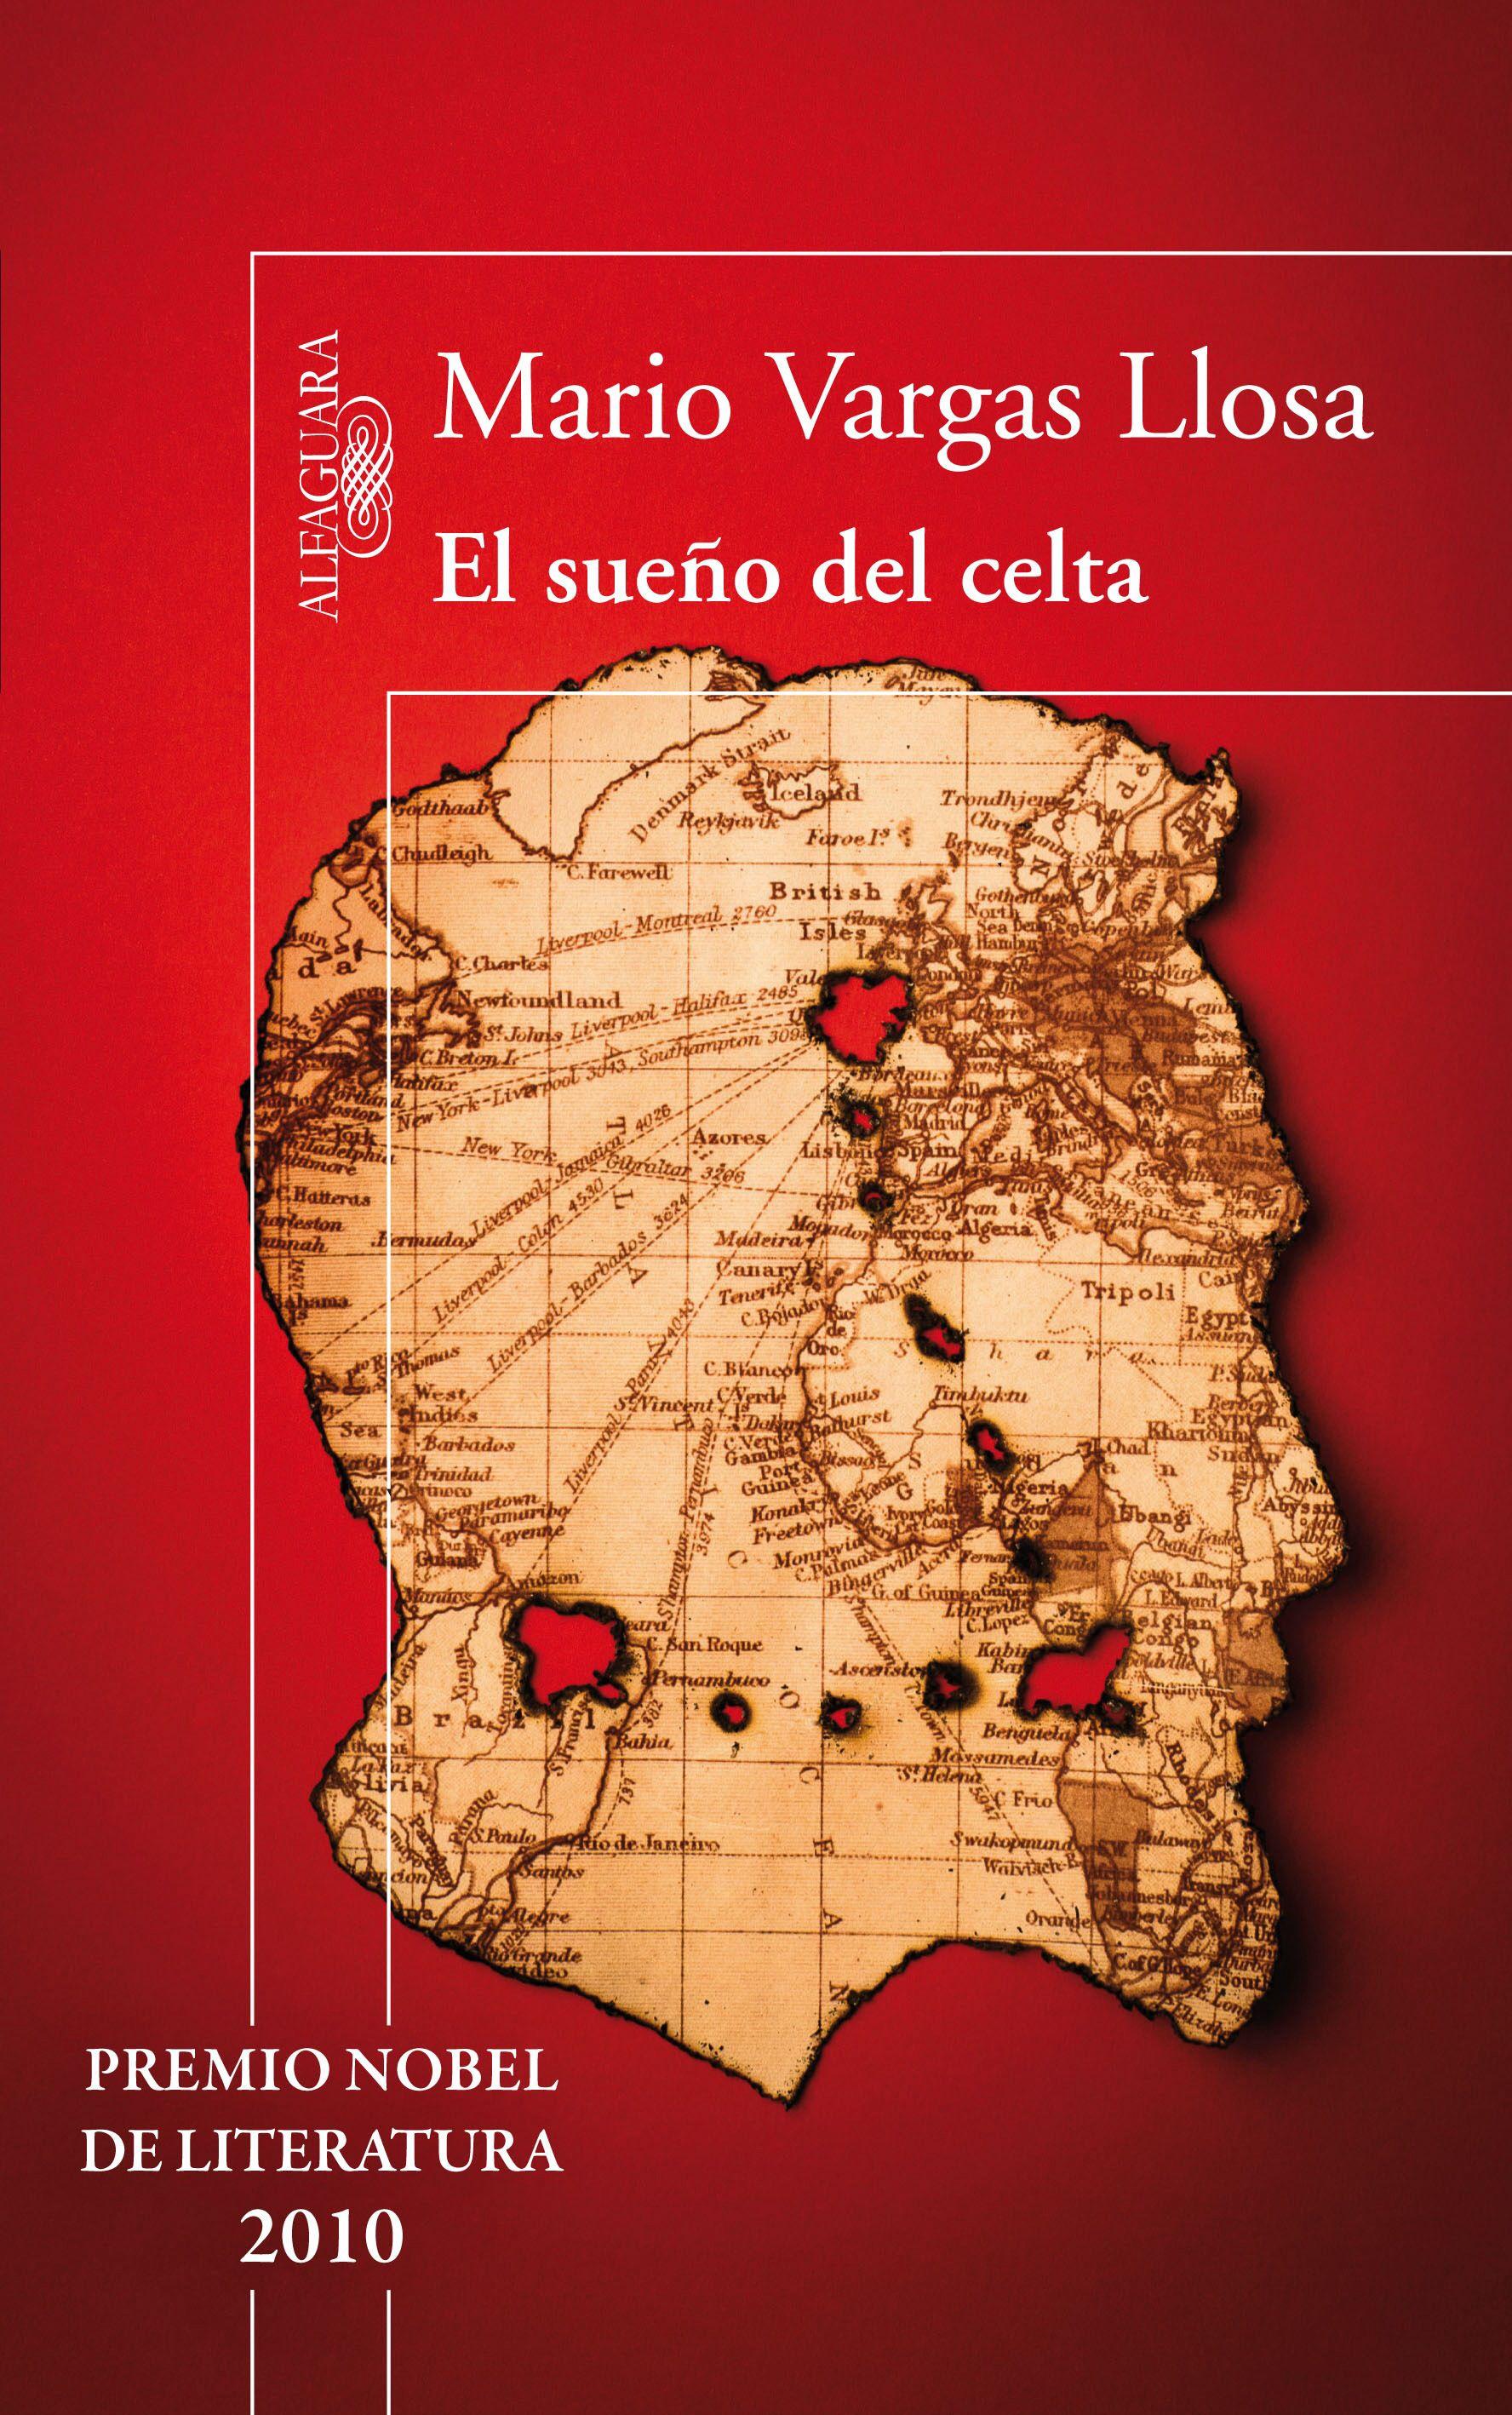 El sueño del celta. Mario Vargas Llosa, 2010.